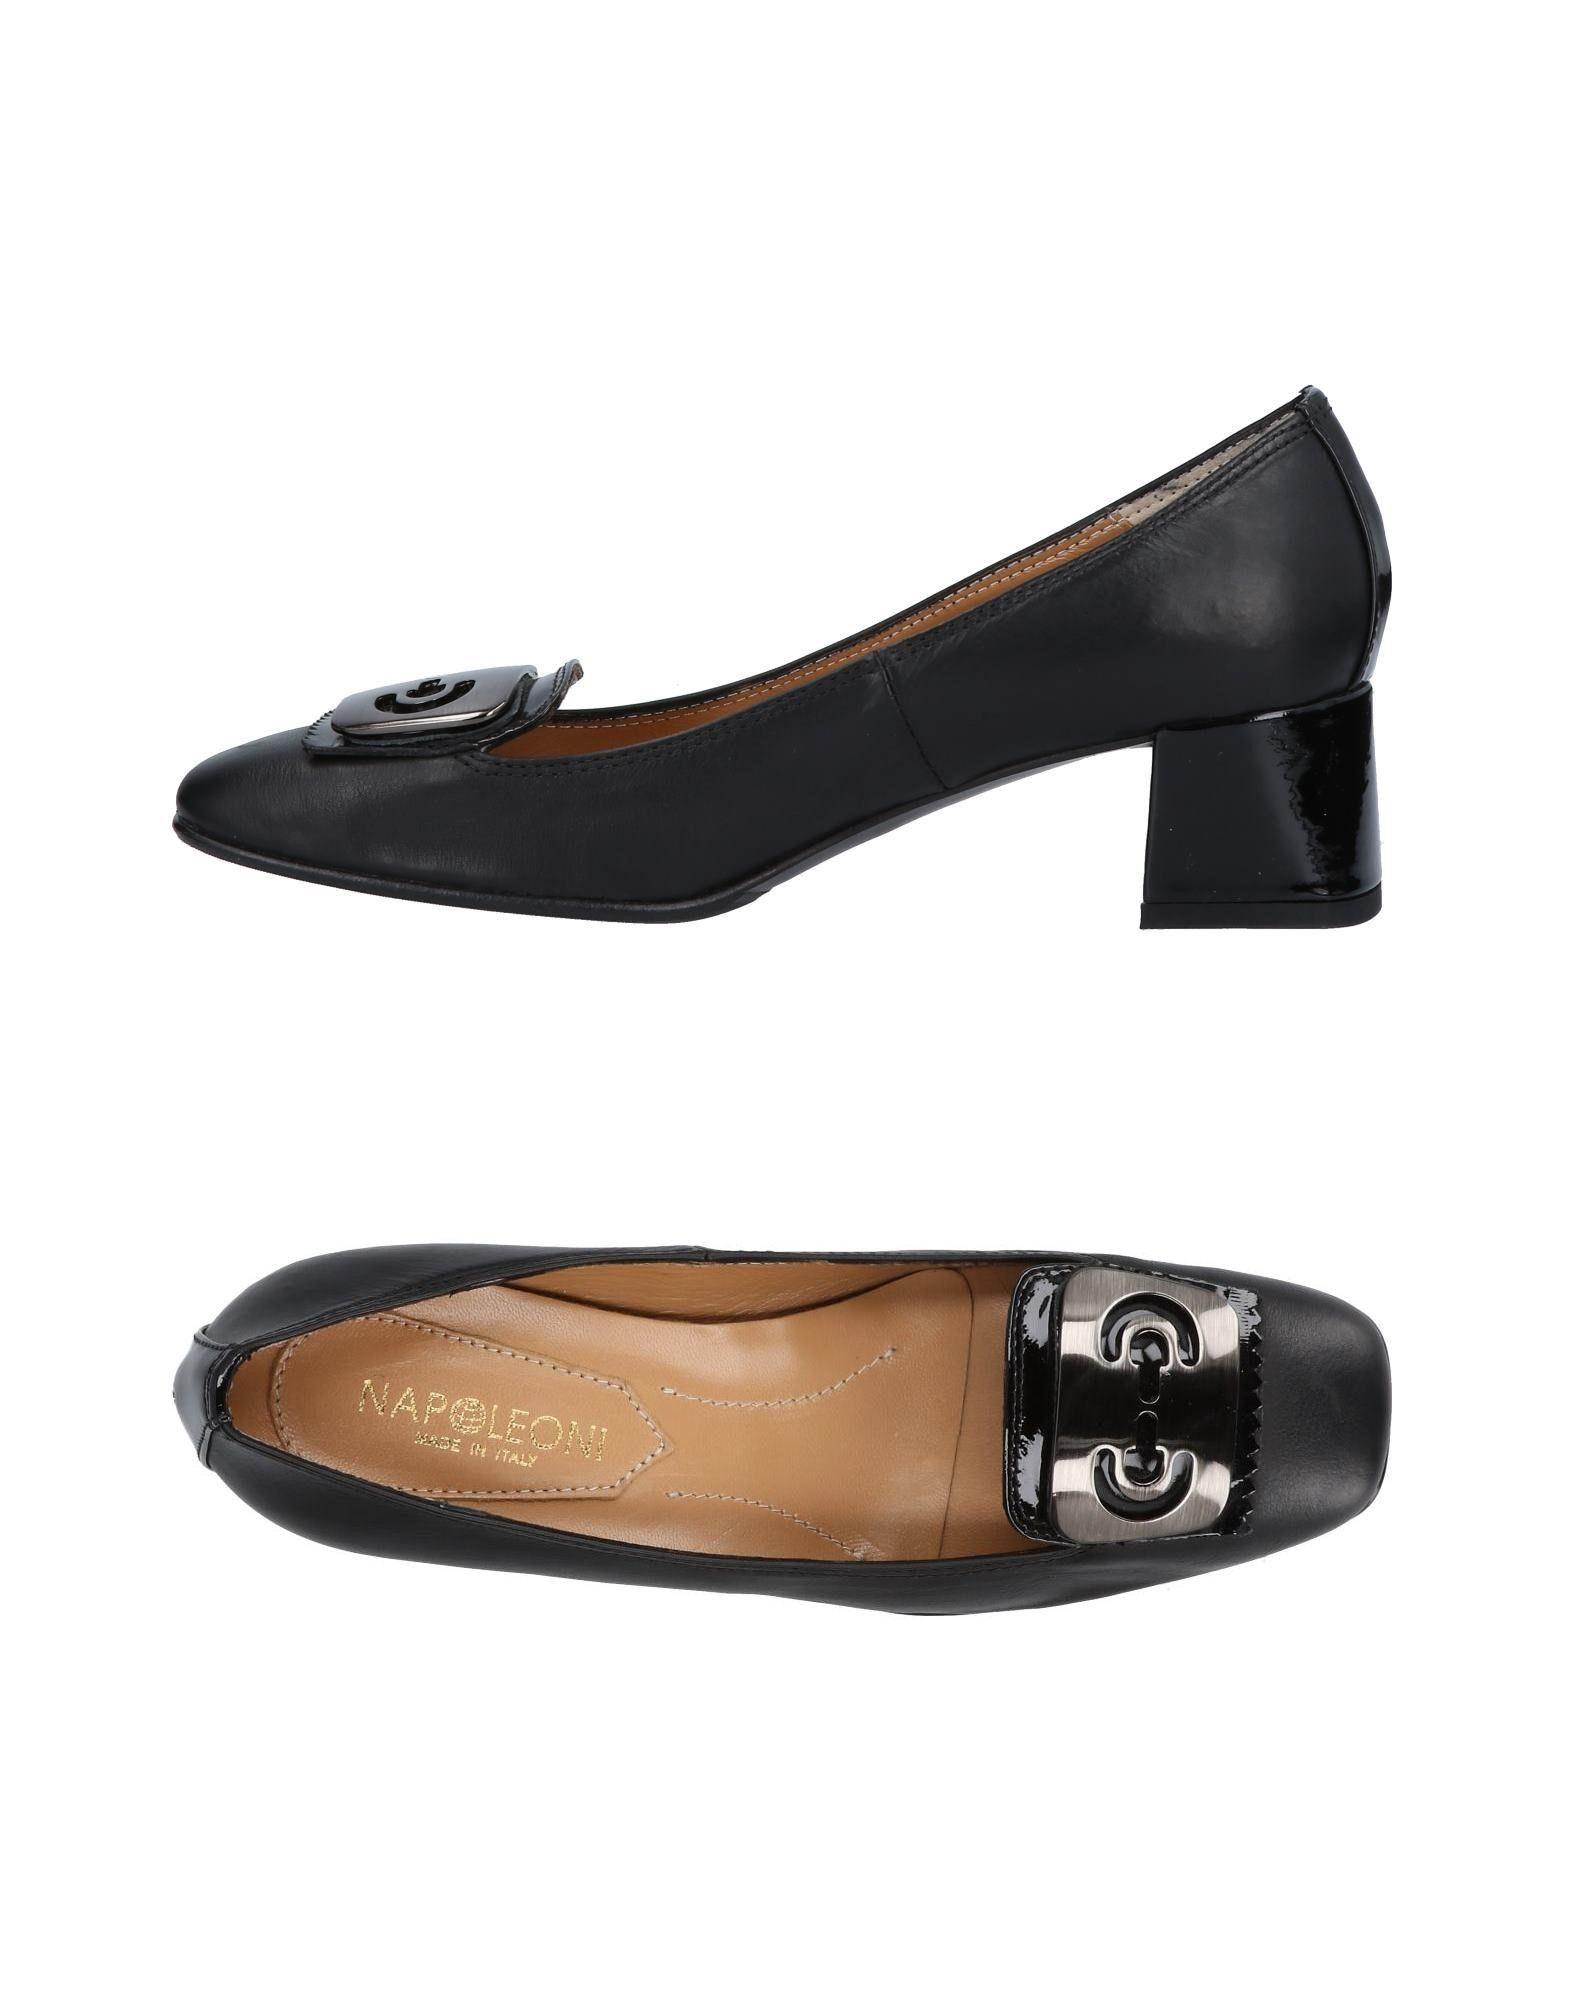 Napoleoni Mokassins Damen  11464714WM Gute Qualität beliebte Schuhe